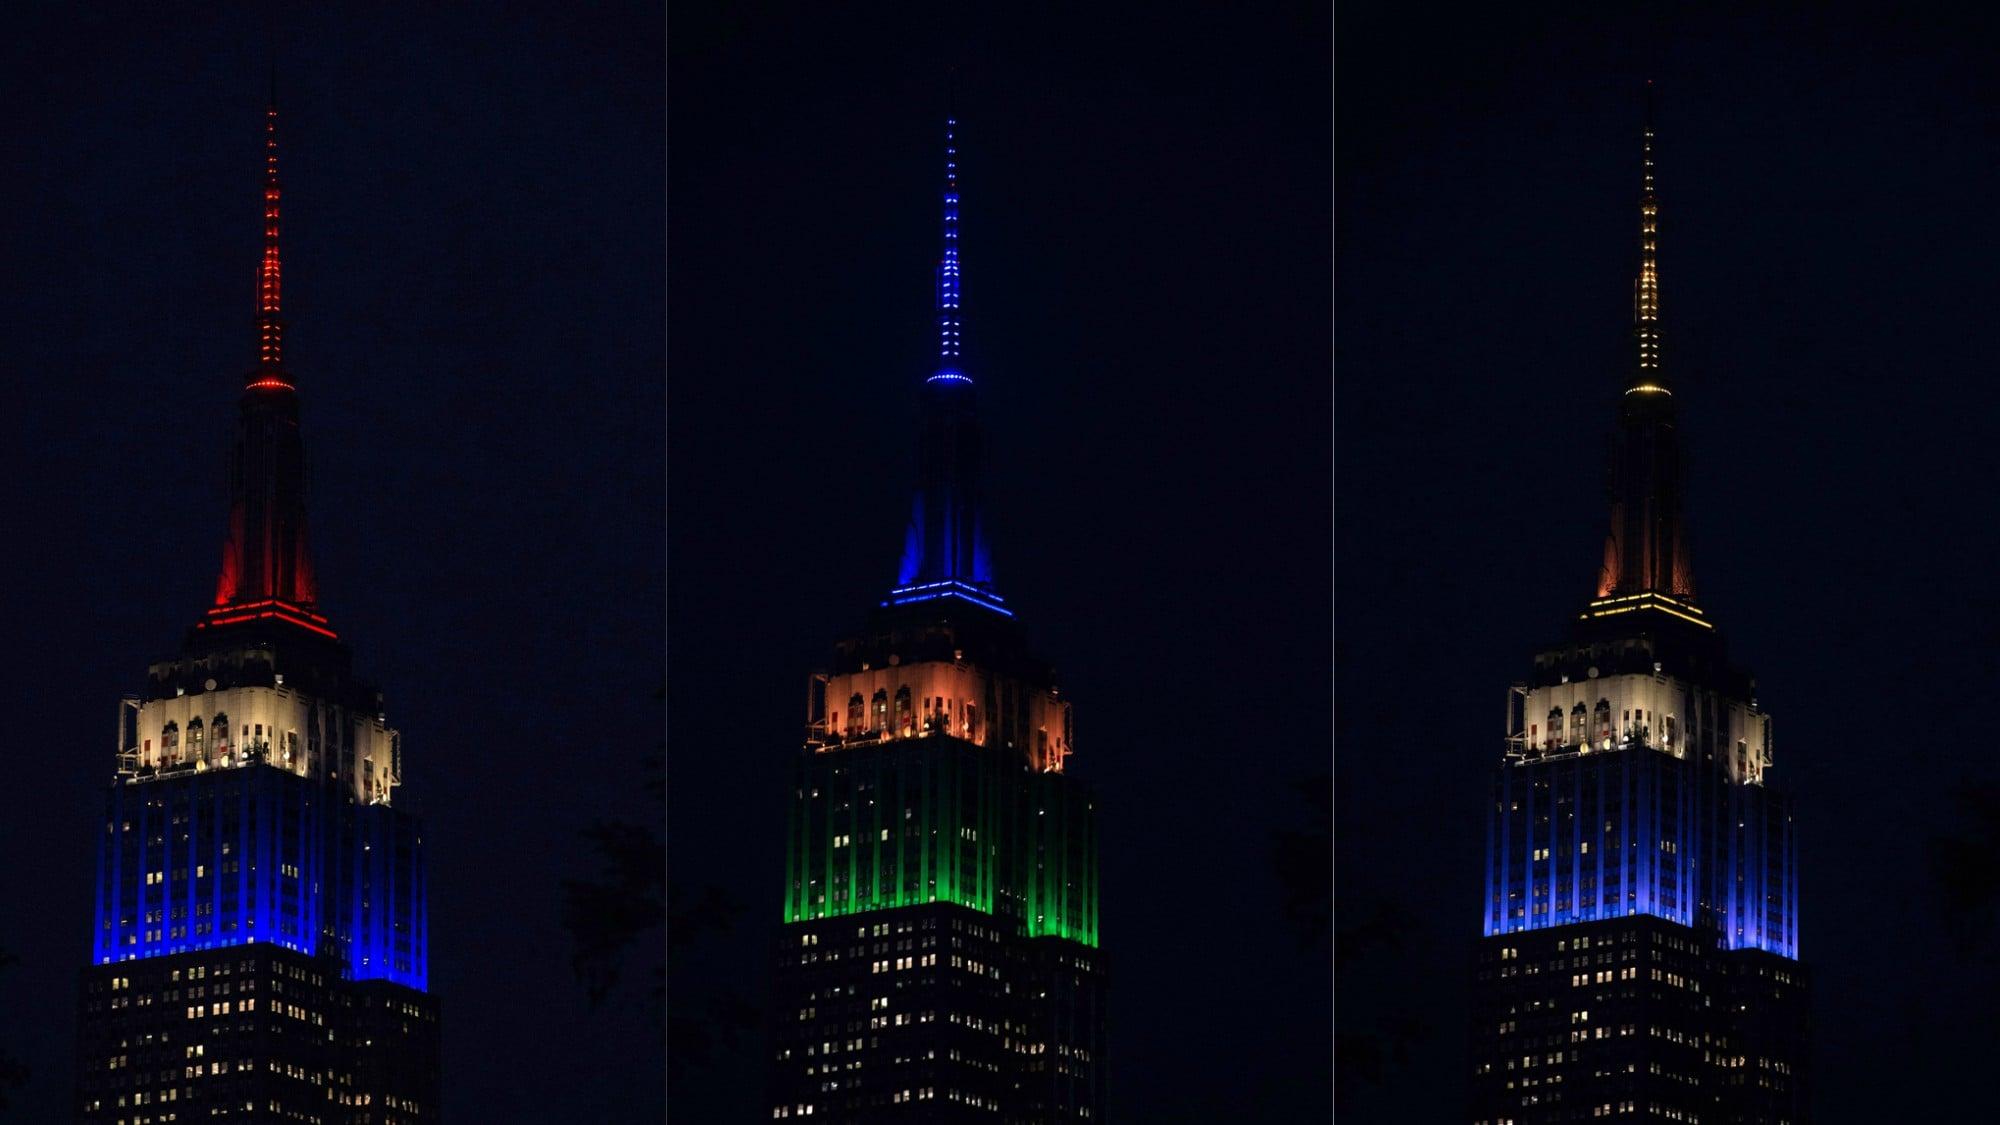 New York ha reso omaggio all'inizio del torneo iridato con una proiezione di luci su uno dei palazzi più iconici del mondo